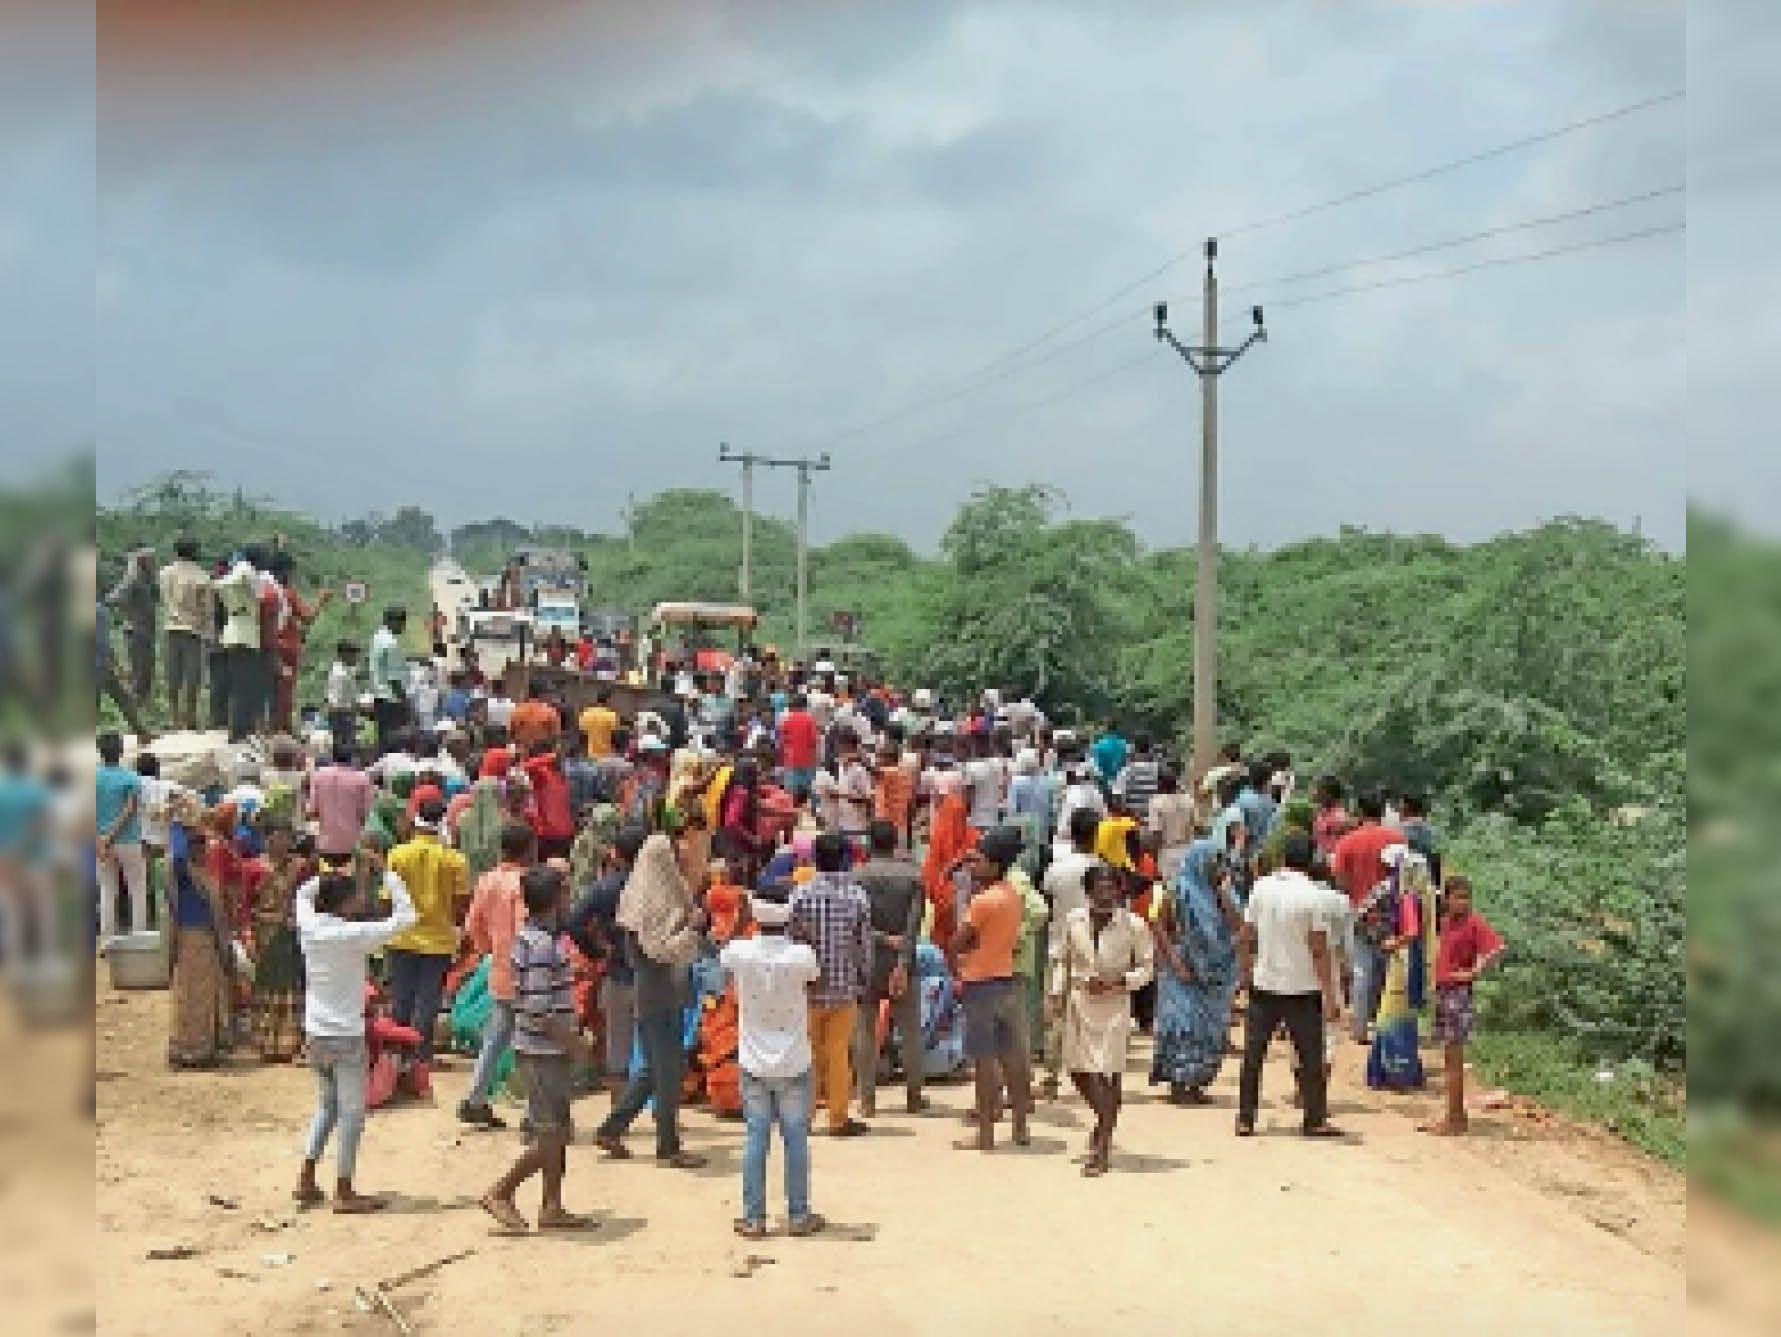 शनिवार को इंदरगढ़-गोराघाट रोड पर पाली-सुनारी गांव के बाढ़ पीड़ितों ने राहत नहीं मिलने पर चक्काजाम किया। - Dainik Bhaskar